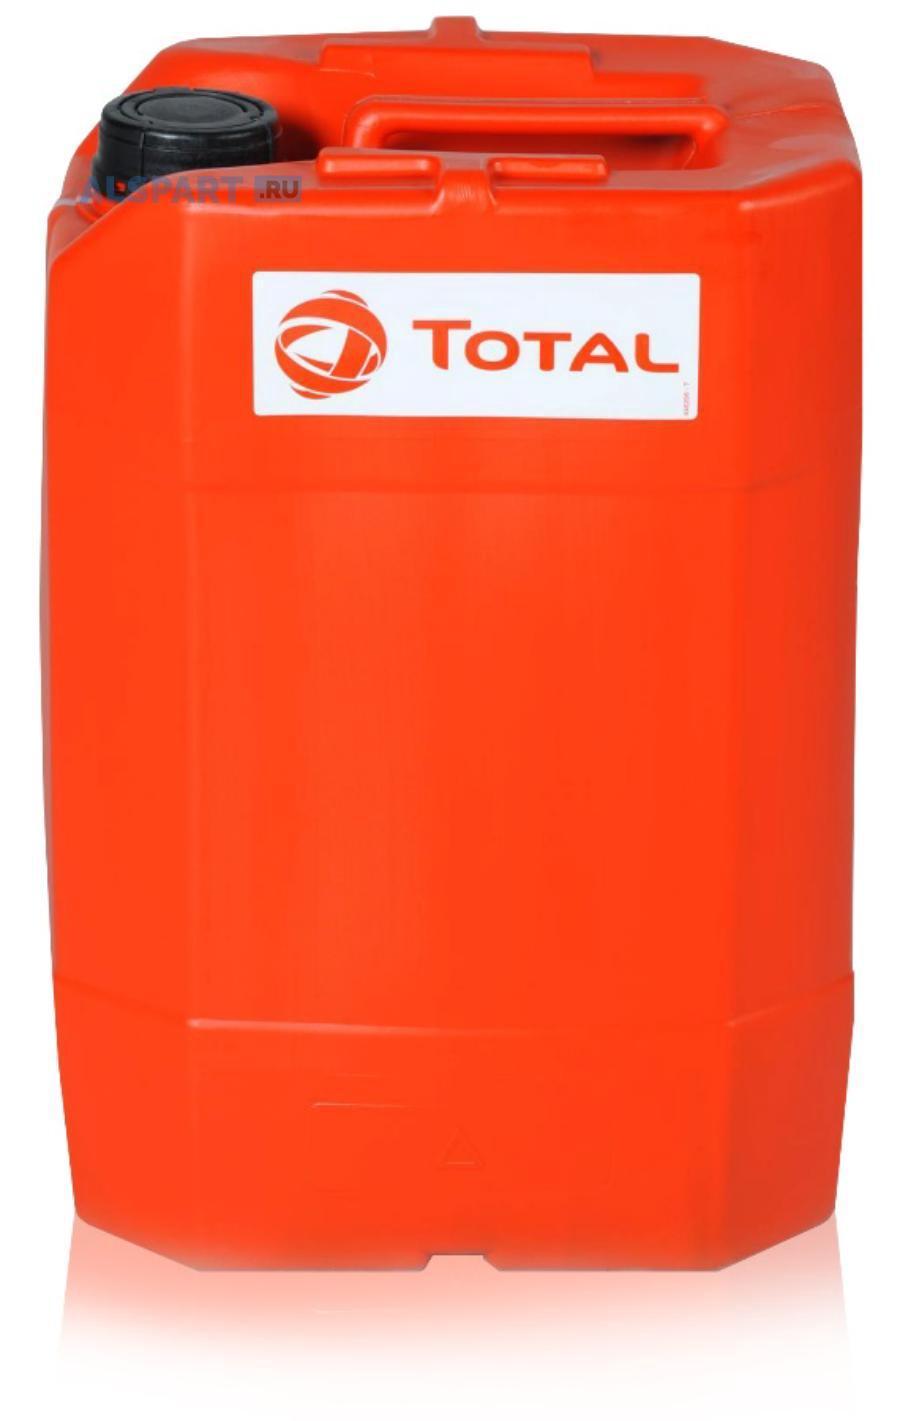 Масло моторное синтетическое Rubia TIR 9900 FE 5W-30, 20л